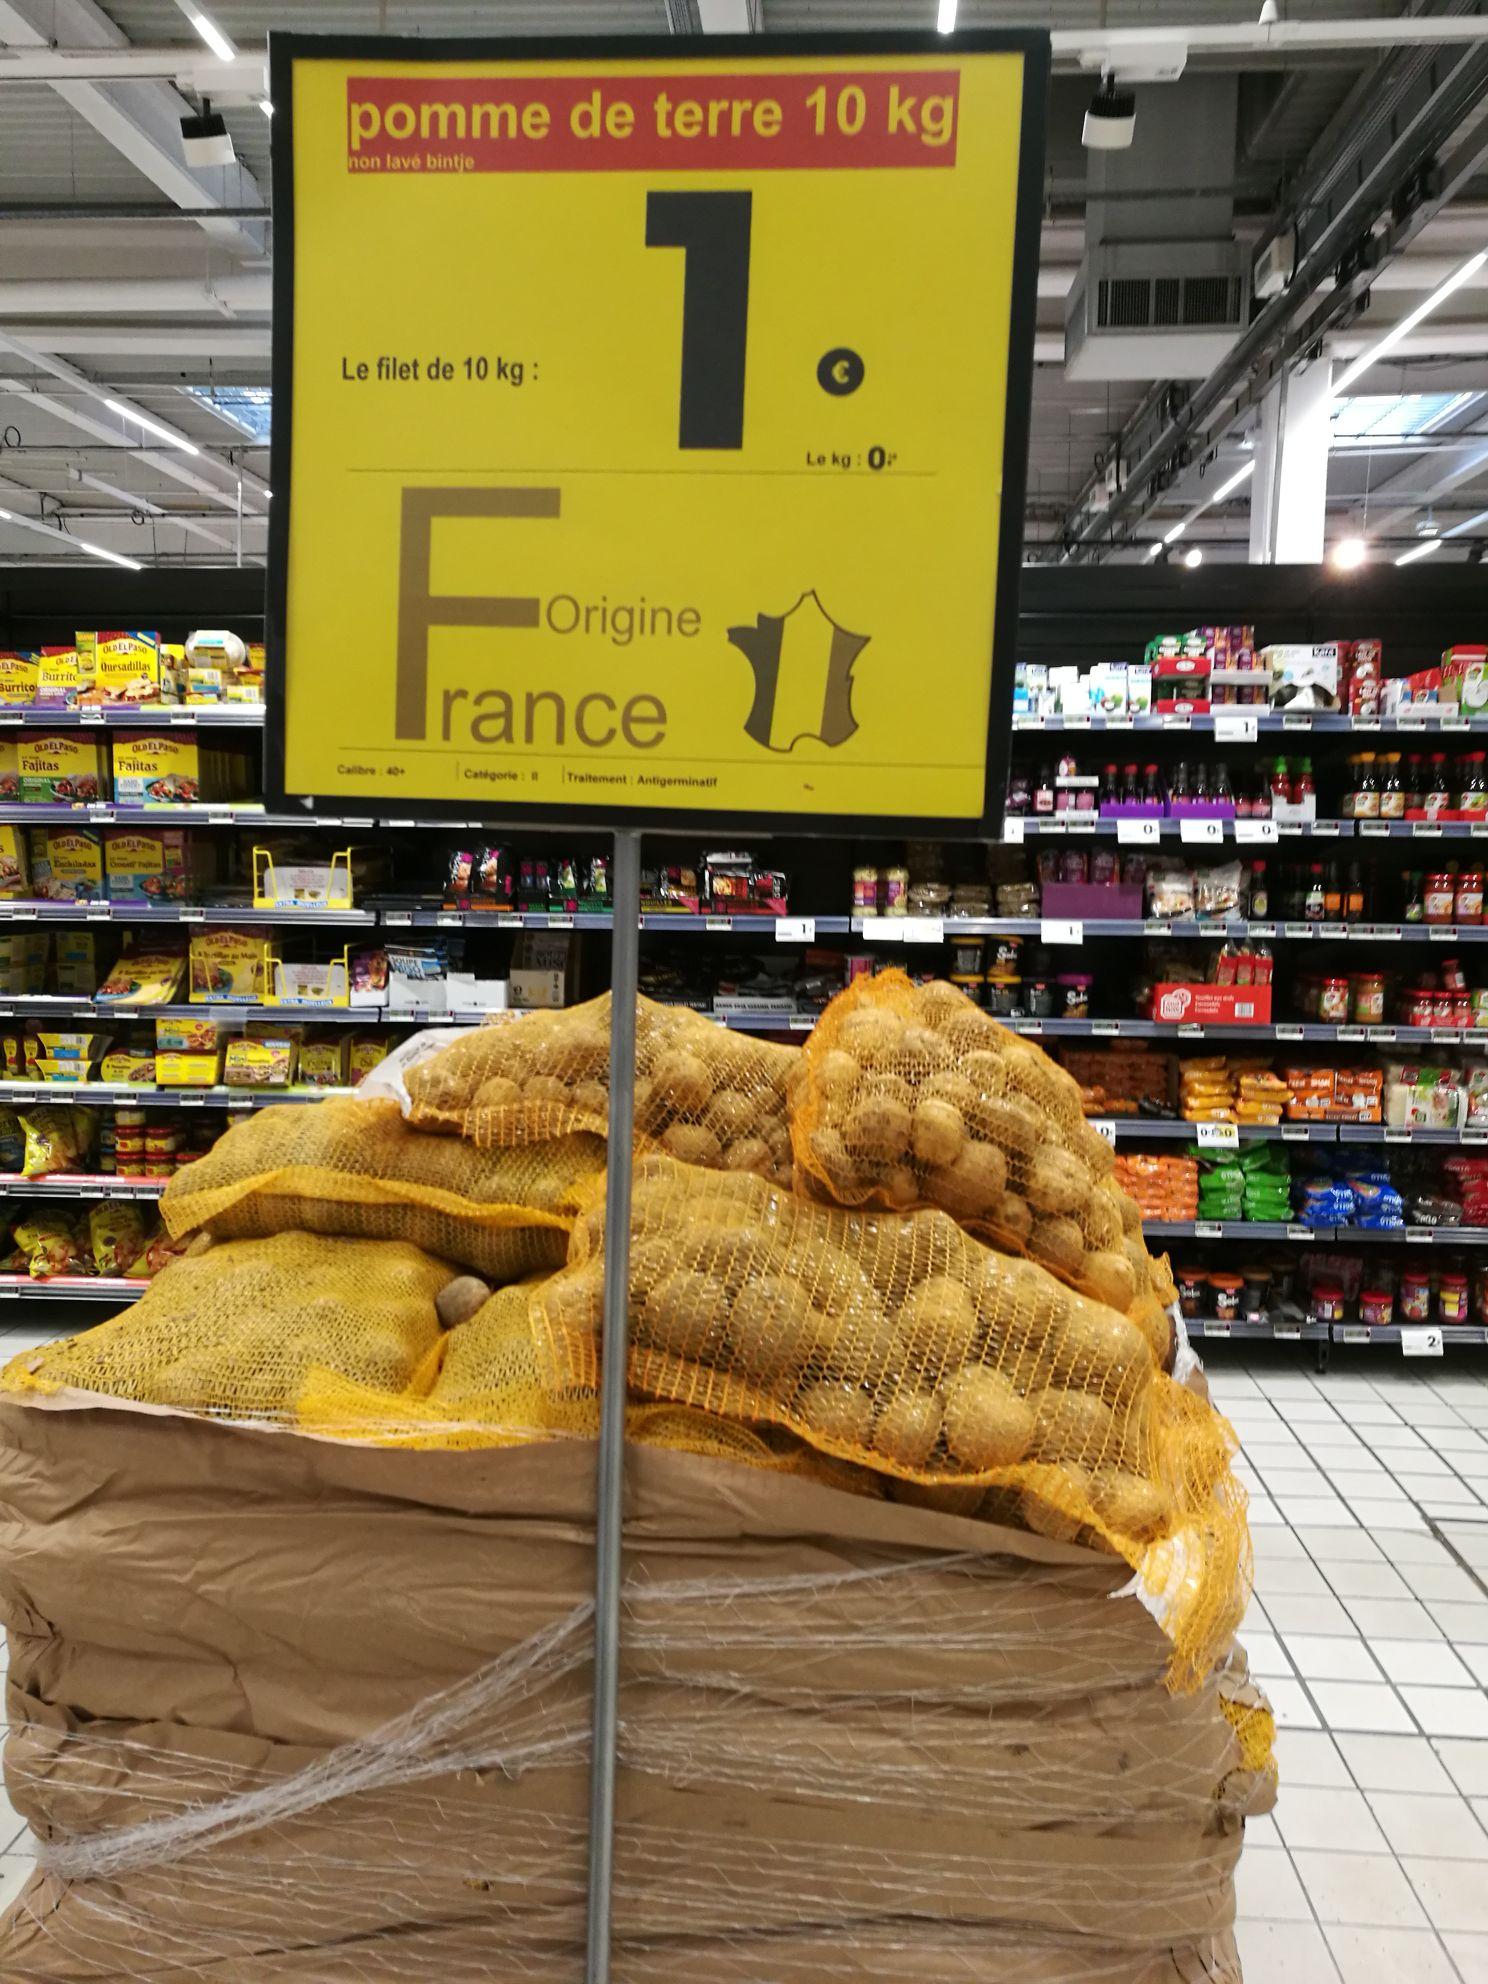 10 kg de pomme de terre non lavé bintje (Origine France) - Davézieux (07)